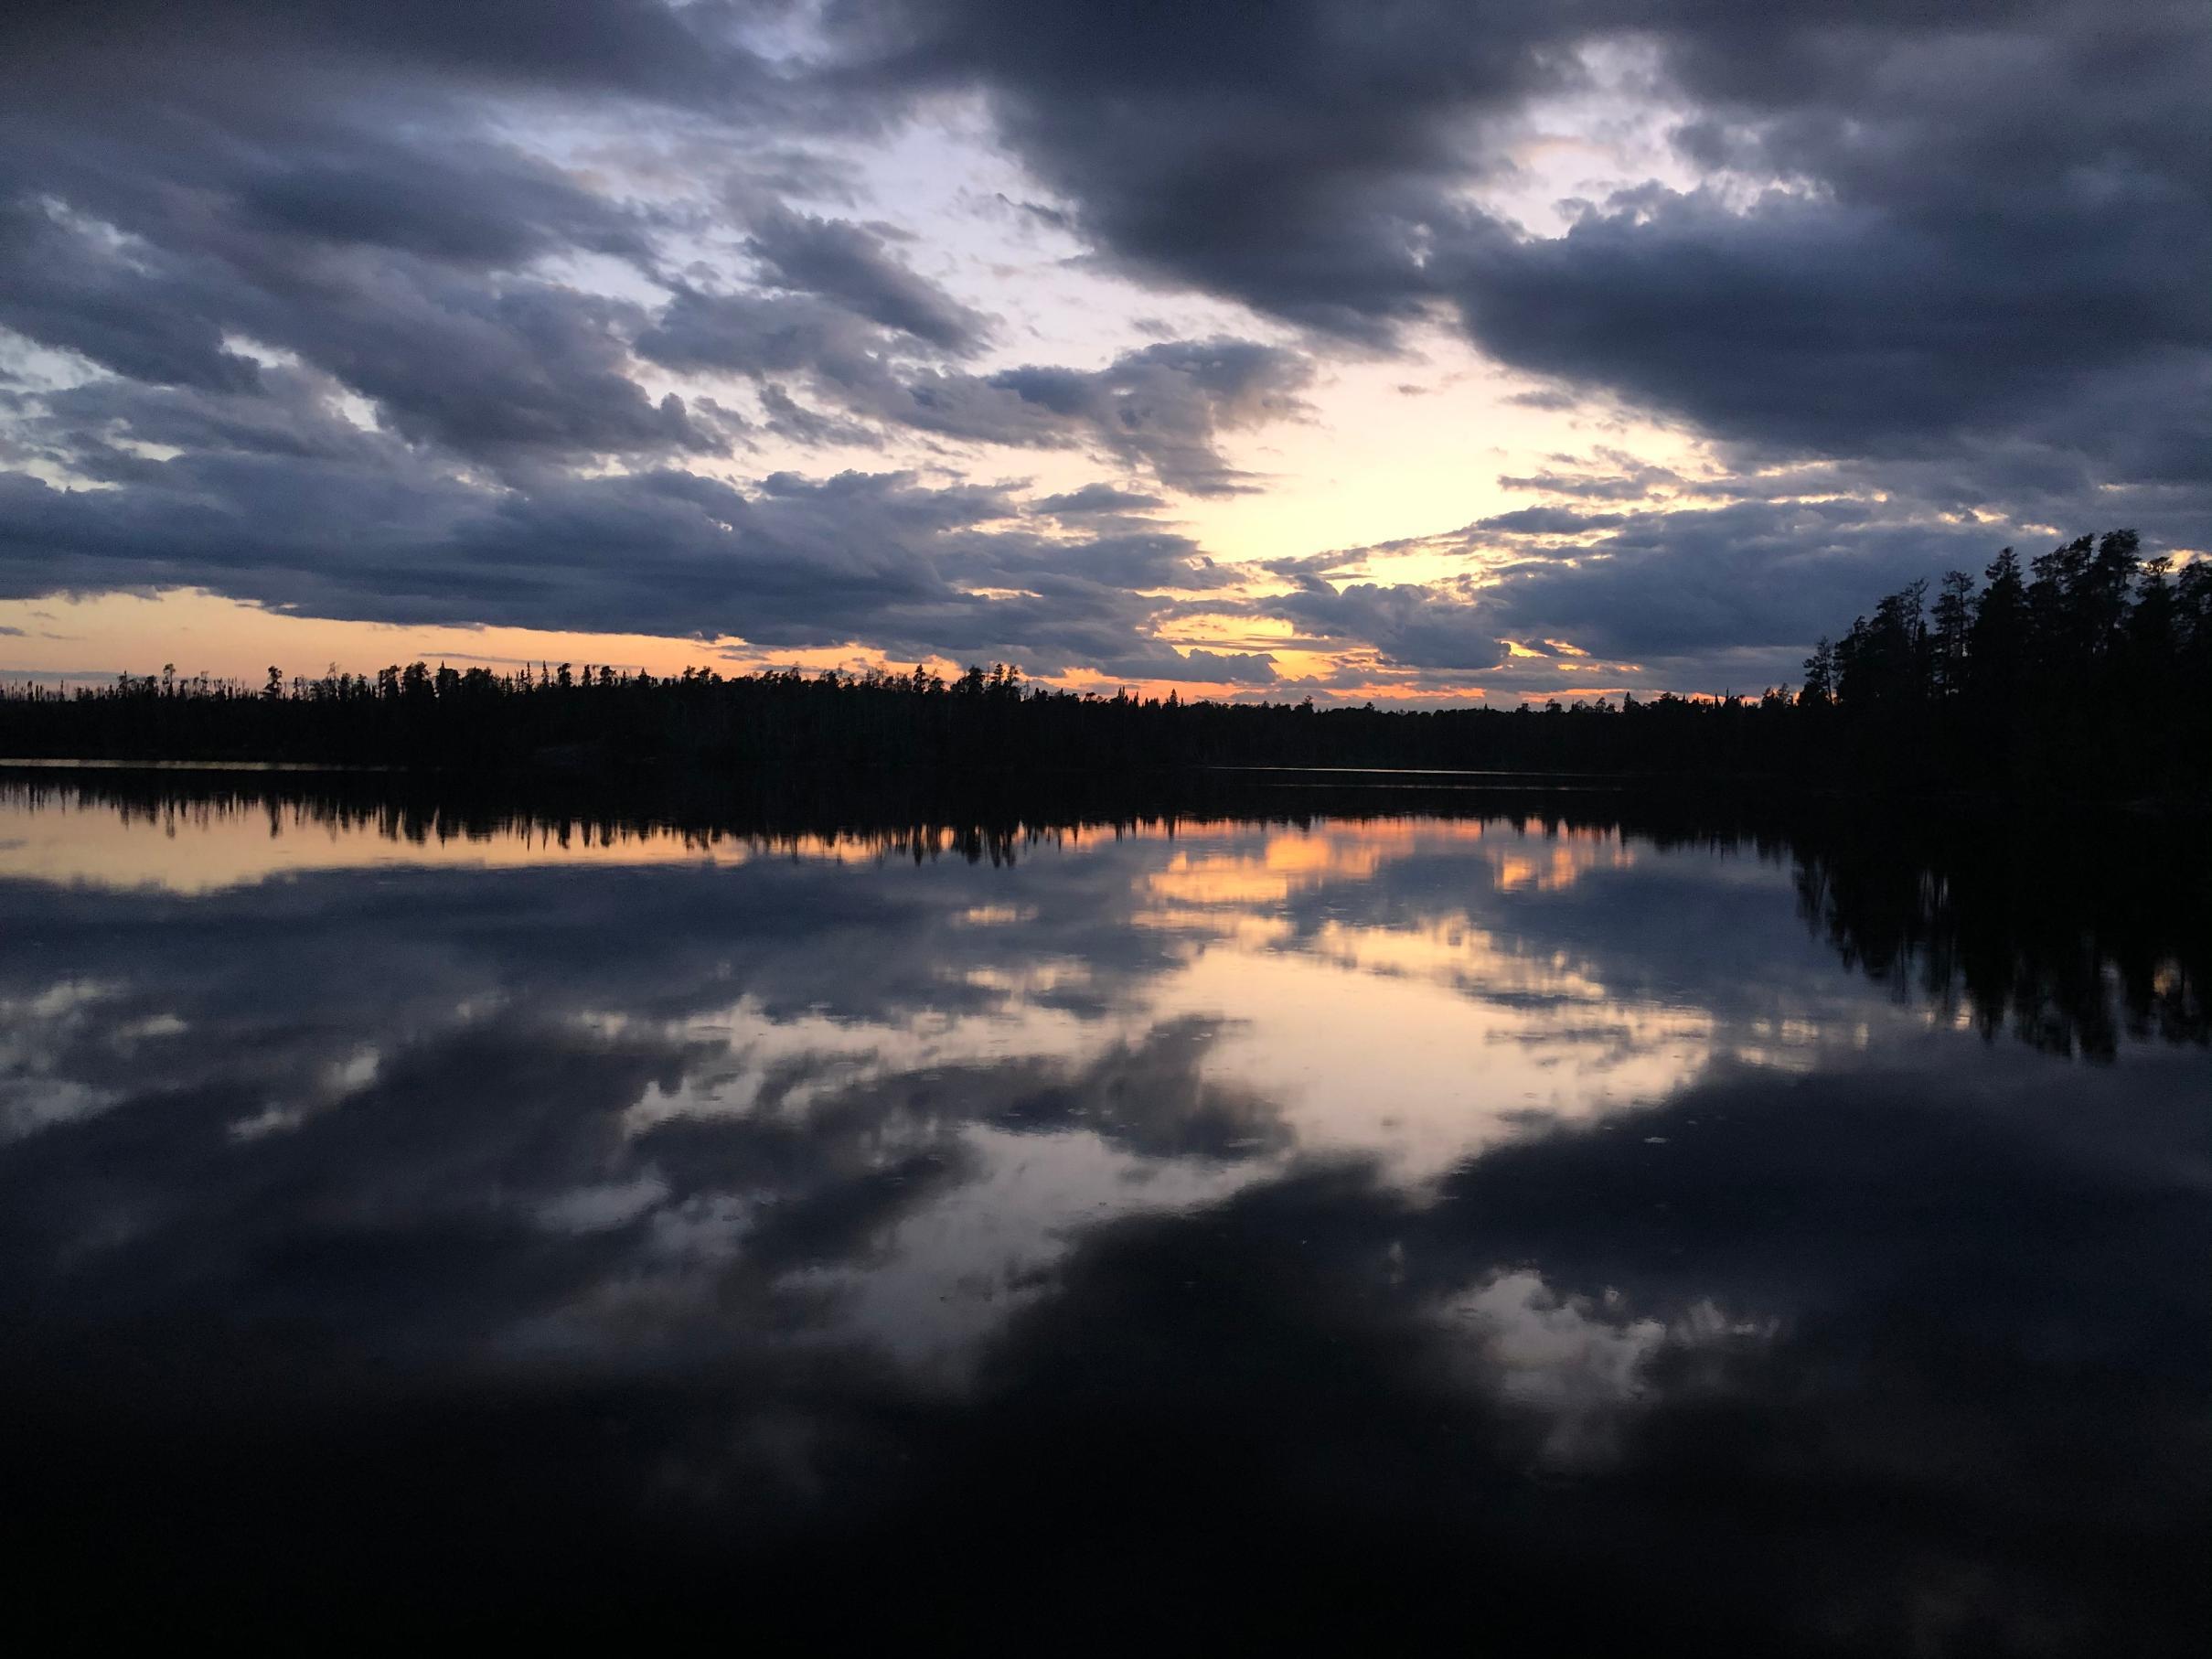 Lake Polly sunset